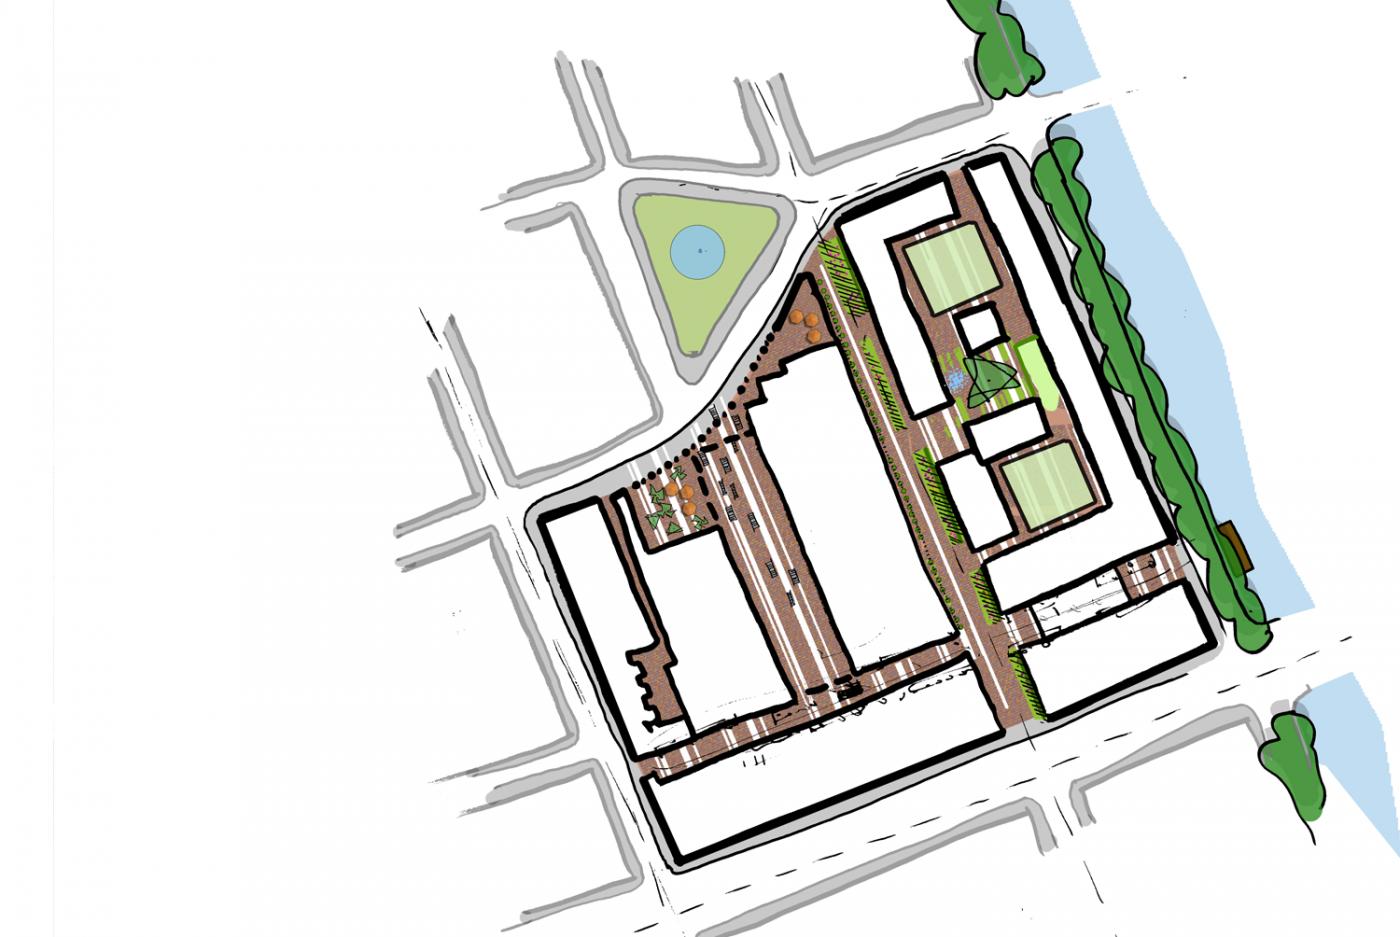 7-buro-sant-en-co-landschapsarchitectuur-openbareruimte-dehallen-amsterdam-west-bilderdijkkade-verbijzonderde-plek